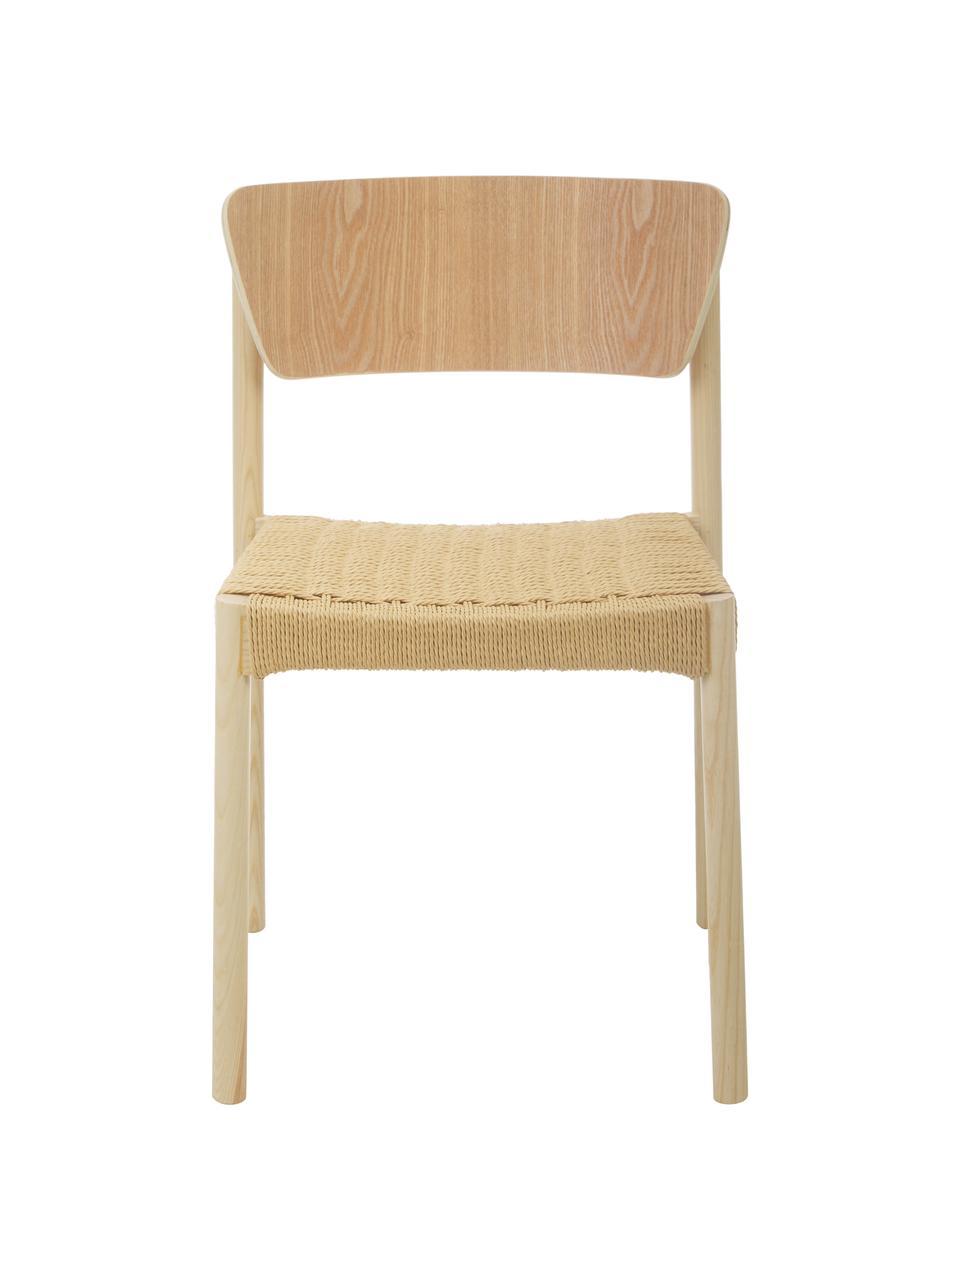 Krzesło z drewna z rattanowym siedziskiem Danny, 2 szt., Stelaż: lite drewno bukowe, Jasne drewno naturalne, S 52 x G 51 cm